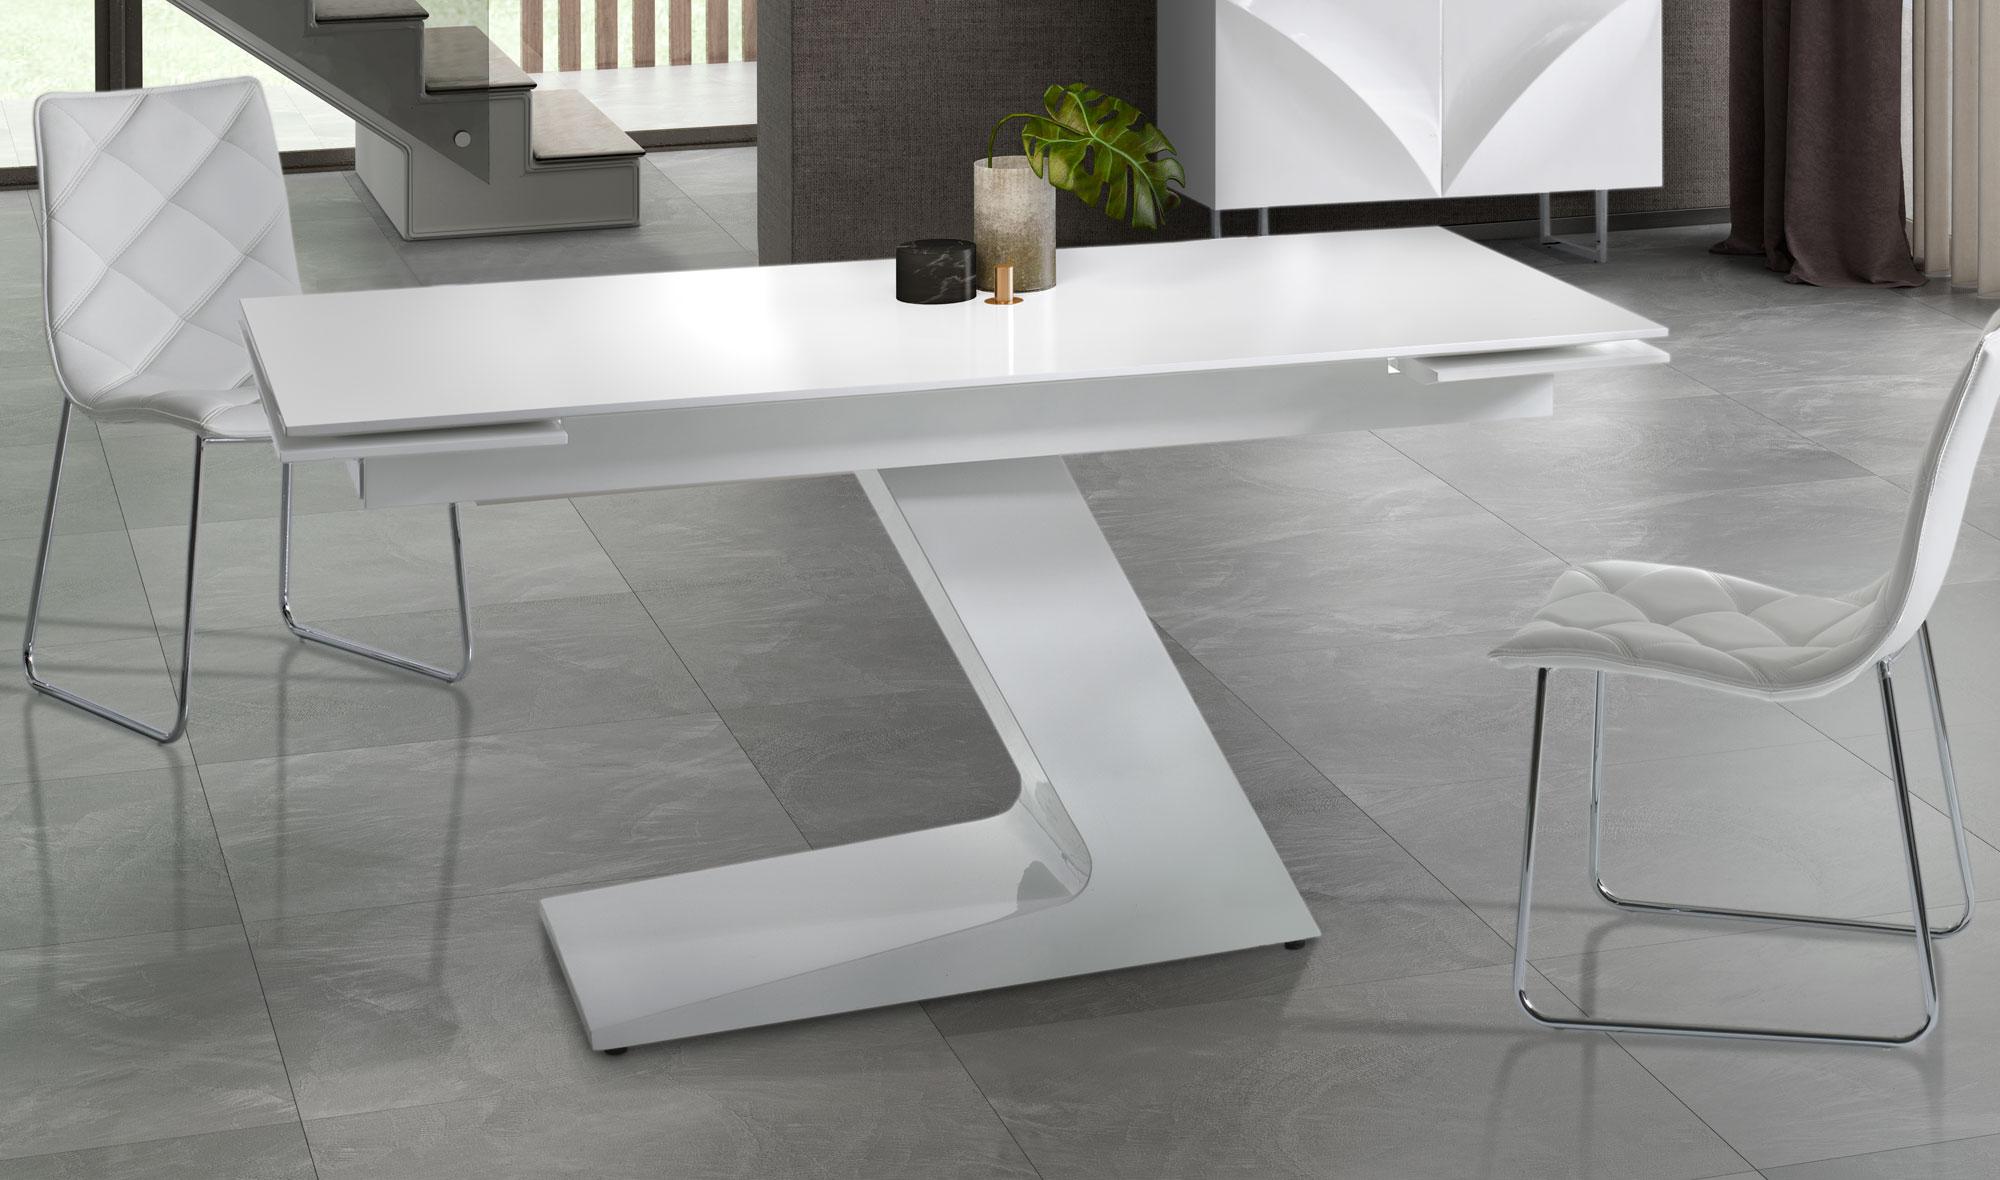 Mesa de comedor extensible moderna tamir no disponible en - Mesa comedor extensible moderna ...